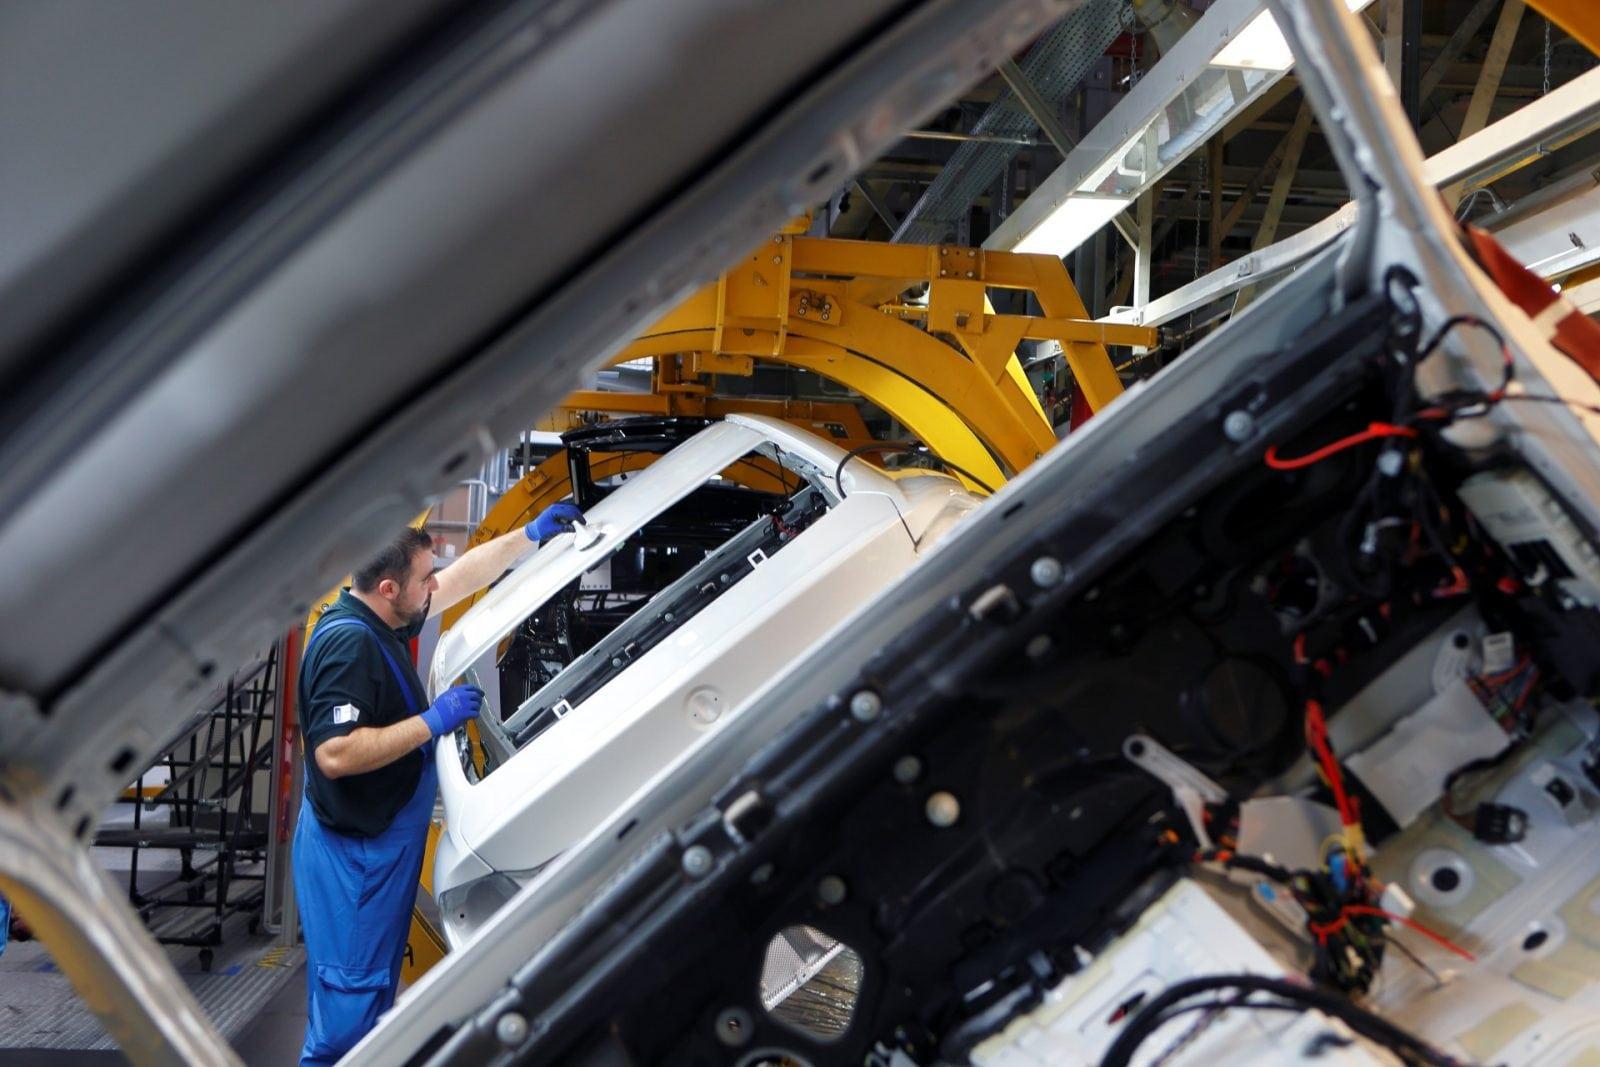 Фото с производства BMW 4 серии в кузове F32 в высоком качестве